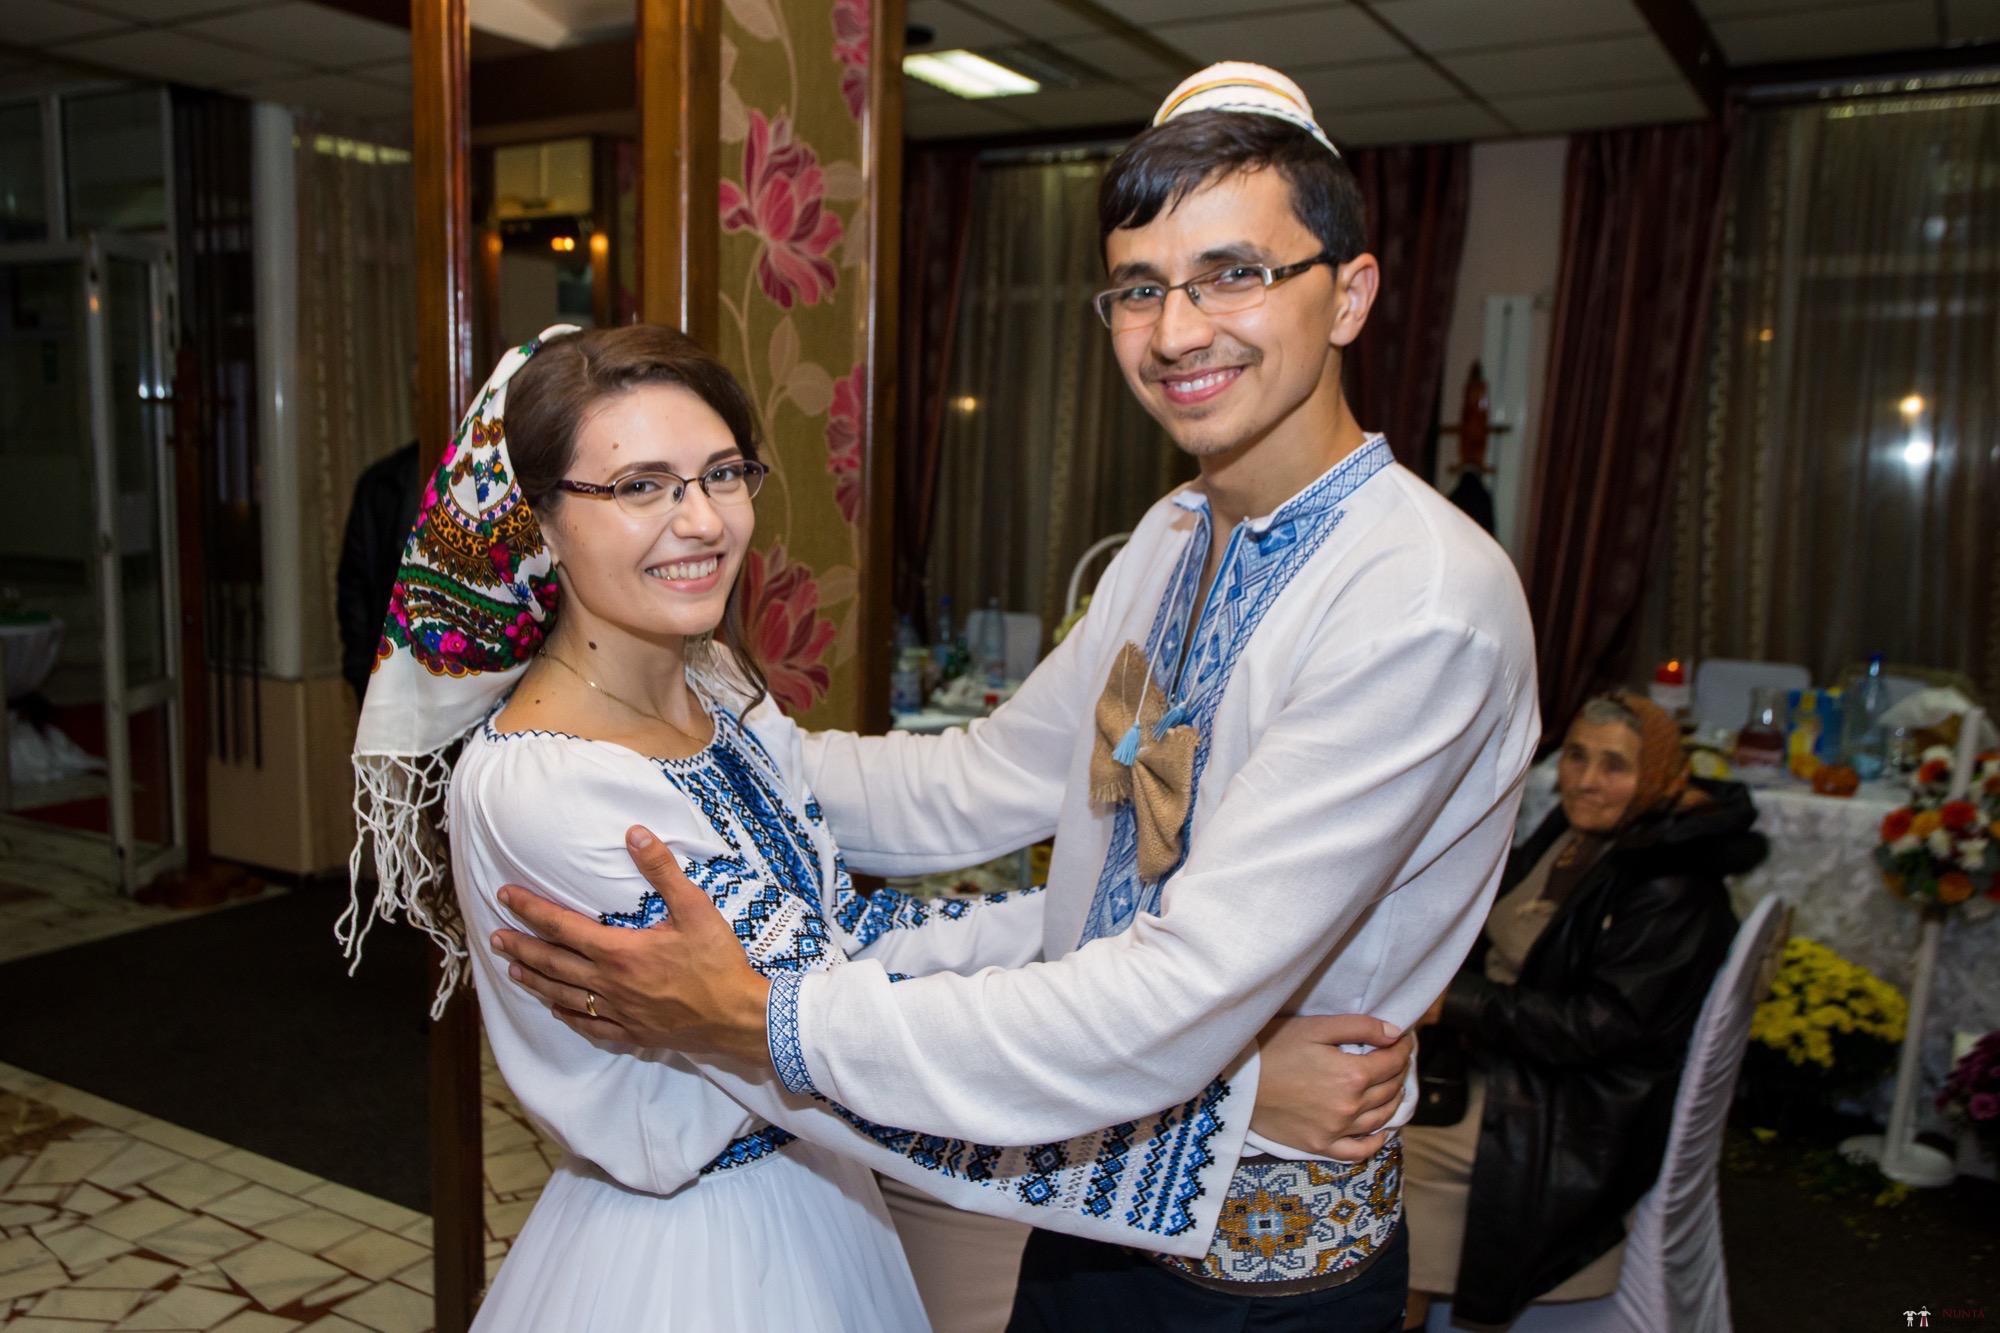 Povești Nunți Tradiționale - Ioana-Alexandra și Bogdan-Vasile. Nuntă tradițională în Fălticeni 22